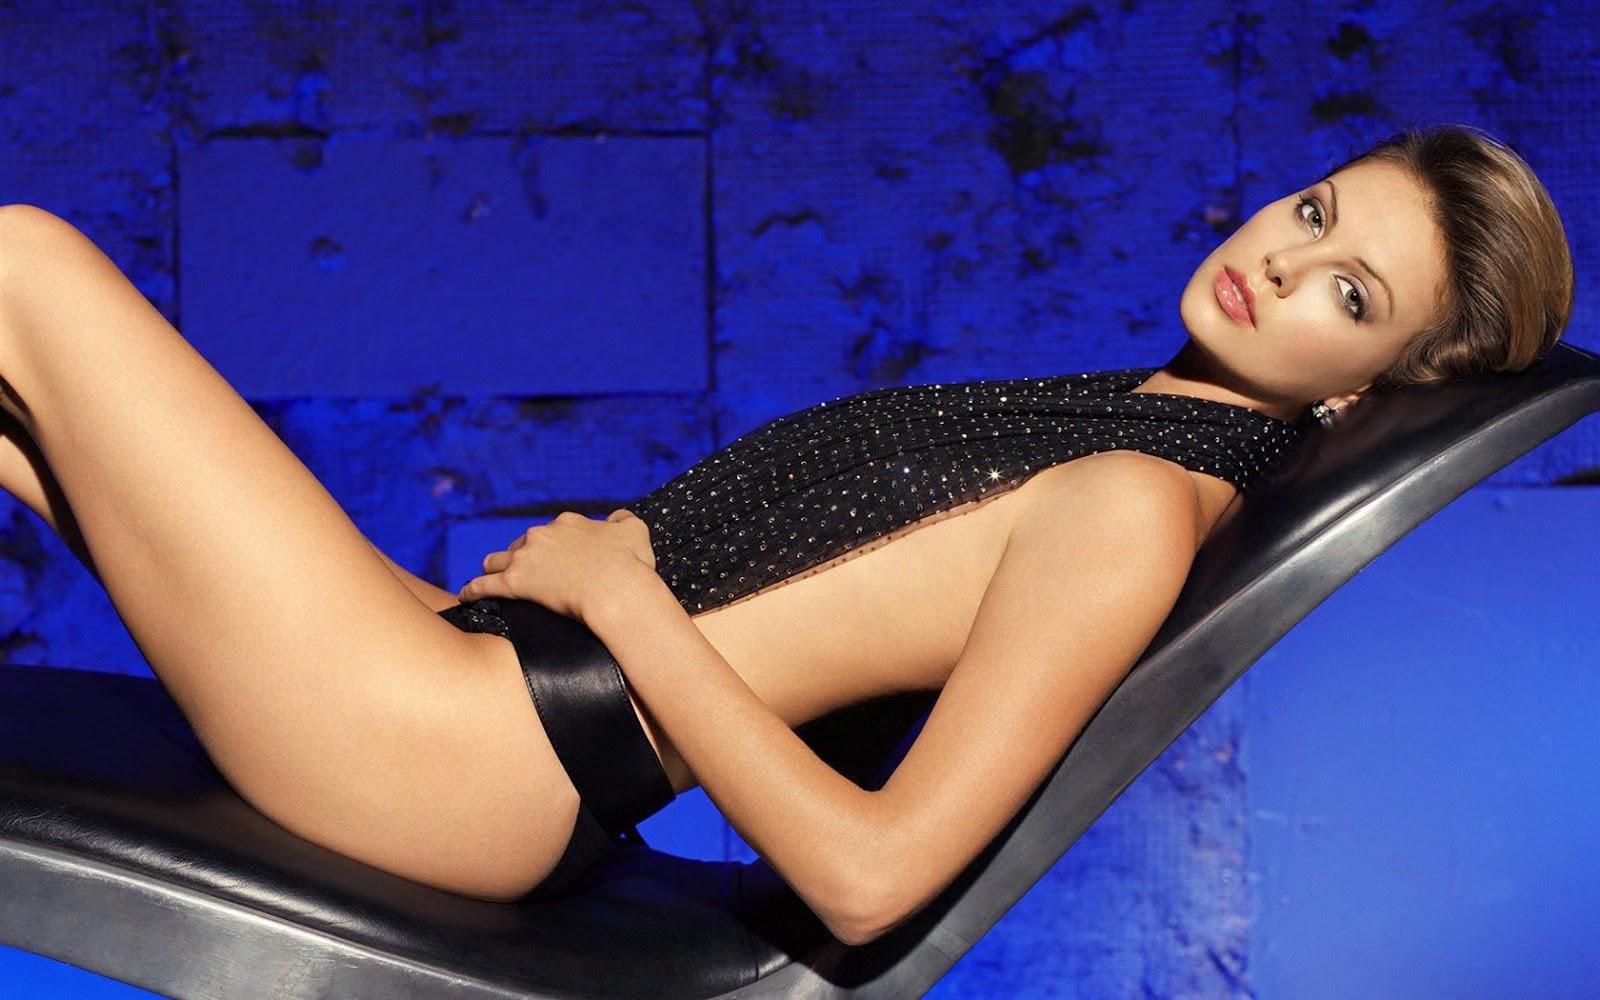 http://3.bp.blogspot.com/-biwA-gtL-ng/UAGeasK4tDI/AAAAAAAABDM/3HpIDf2Xn04/s1600/Charlize-Theron-Sexy-Wallpapers-5.jpg